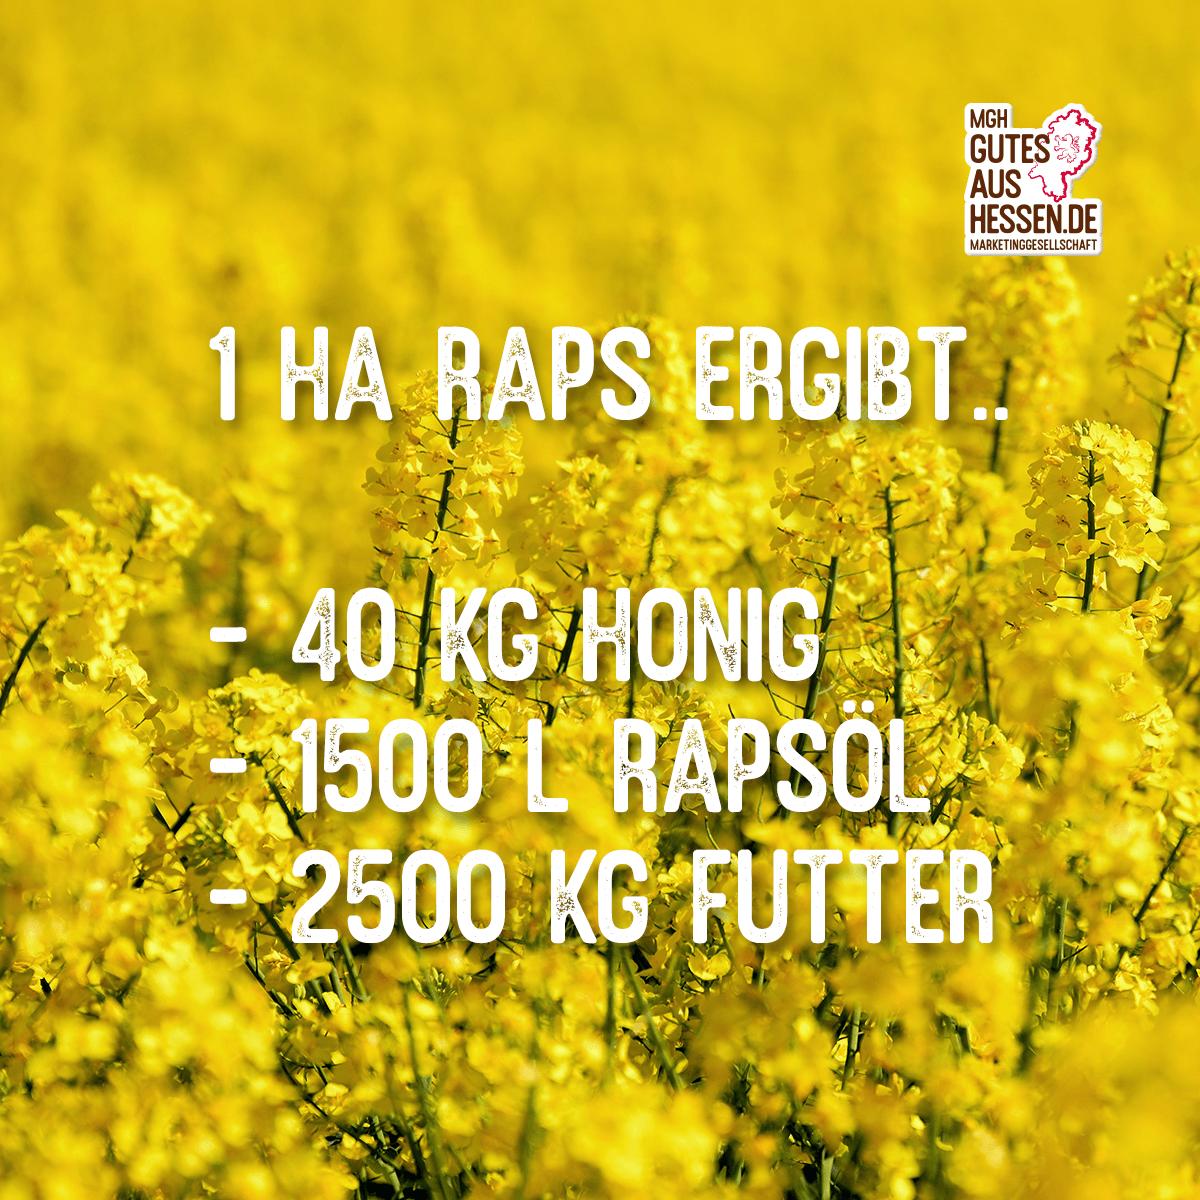 Instagram Post der MGH Gutes aus Hessen zum Thema Raps aus dem Mai 2020